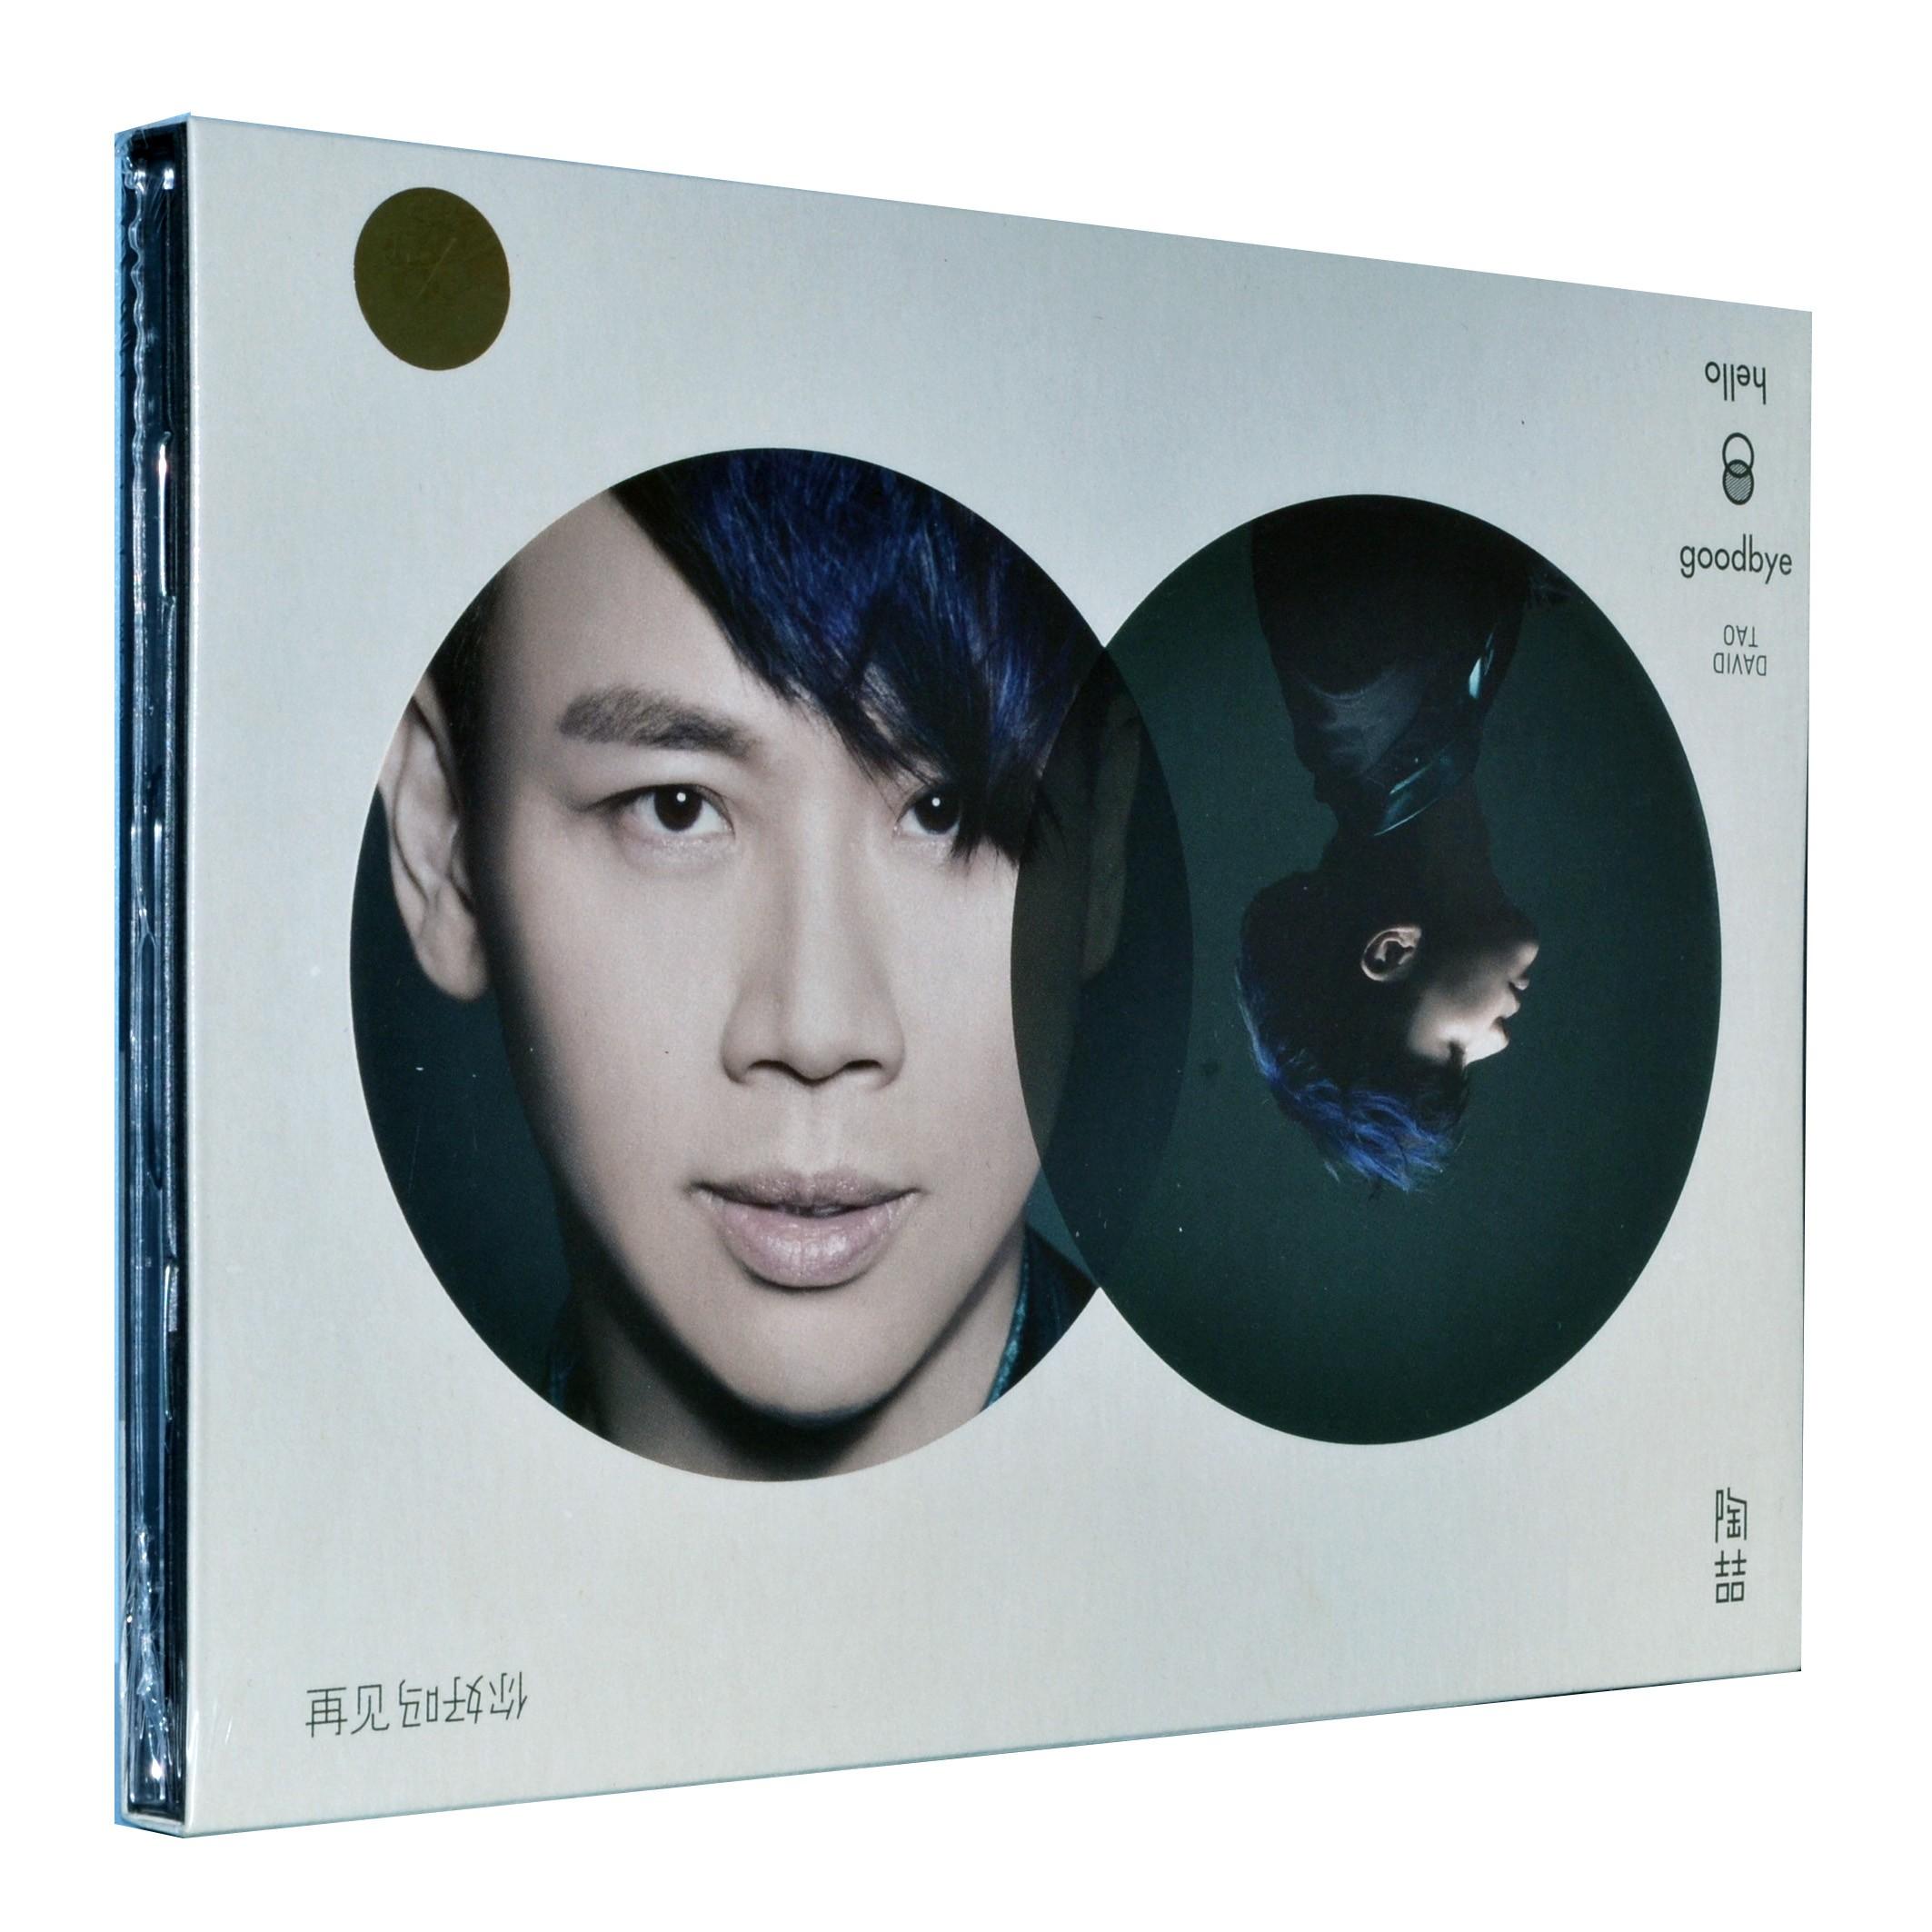 Музыка CD, DVD [Подлинный место] Дэвид Тао до свидания, как ты? диск Здравствуй и прощай Дэвид Тао новый альбом диск